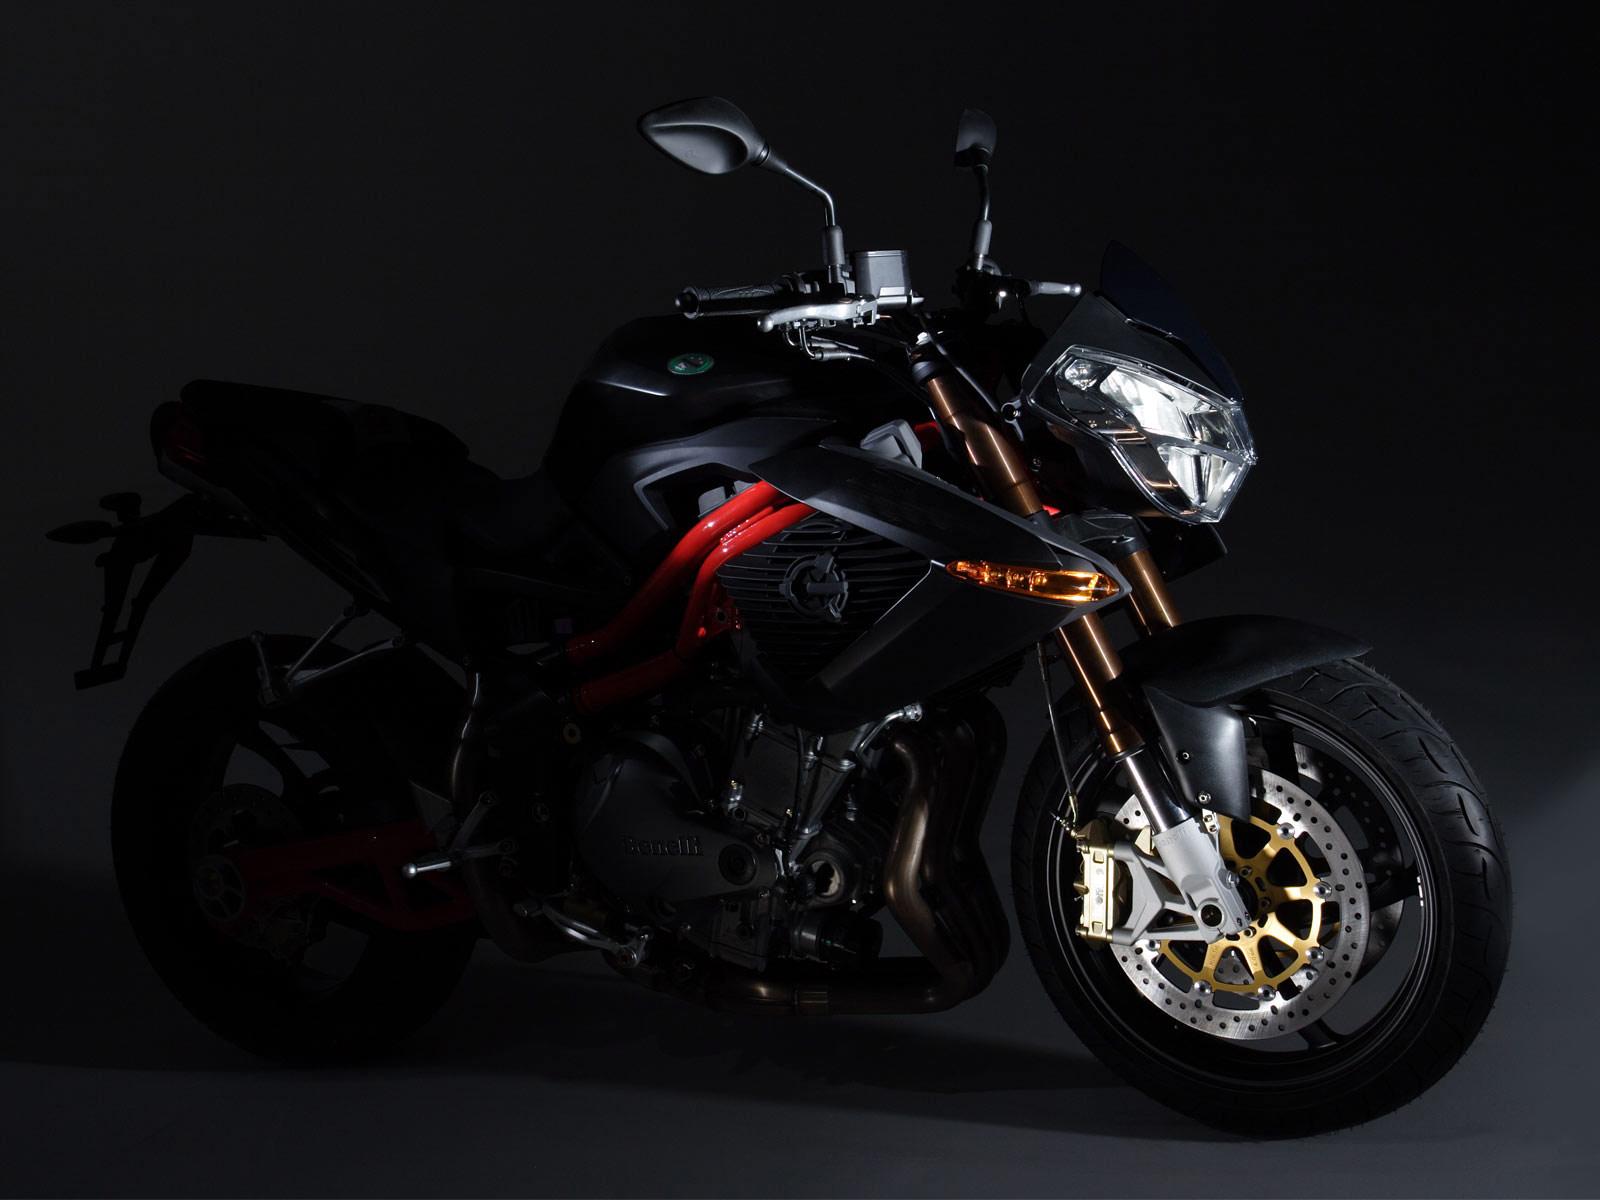 http://2.bp.blogspot.com/-p2fEEiFdwEM/Tr22XogXfUI/AAAAAAAADtA/L_t8PPPIftA/s1600/2006_Benelli-TNT-Sport_motorcycle-desktop-wallpaper_4.jpg